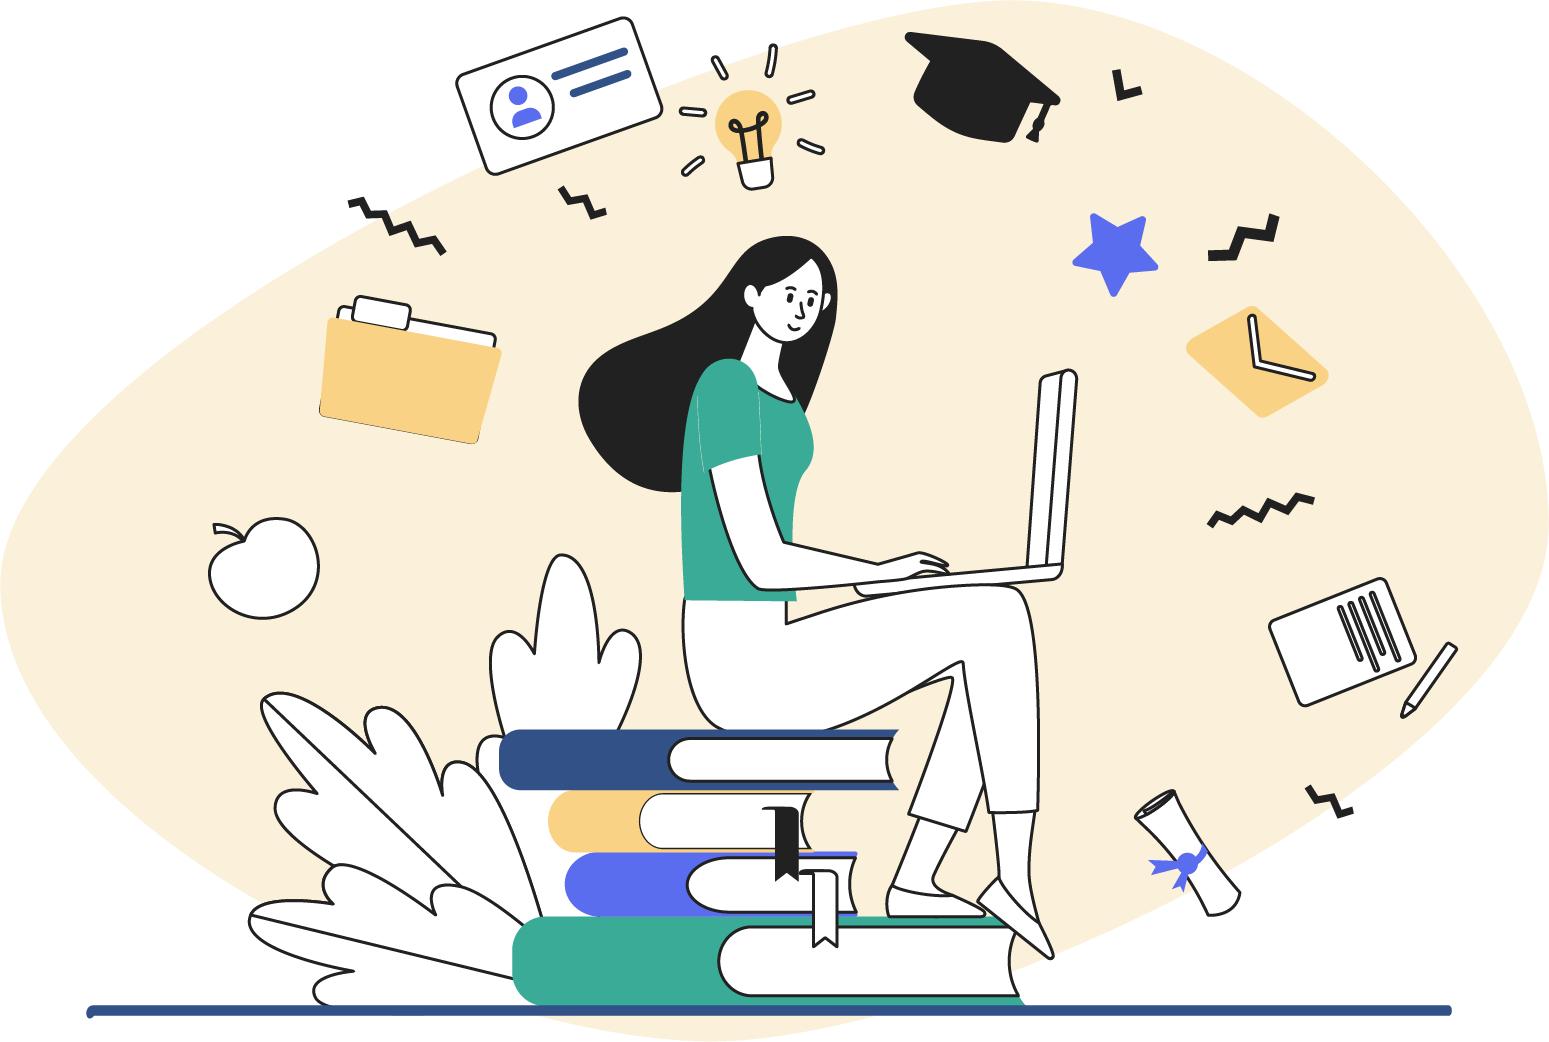 -_woman-learn-guide-whitepaper-paper-research-folder-development-learn